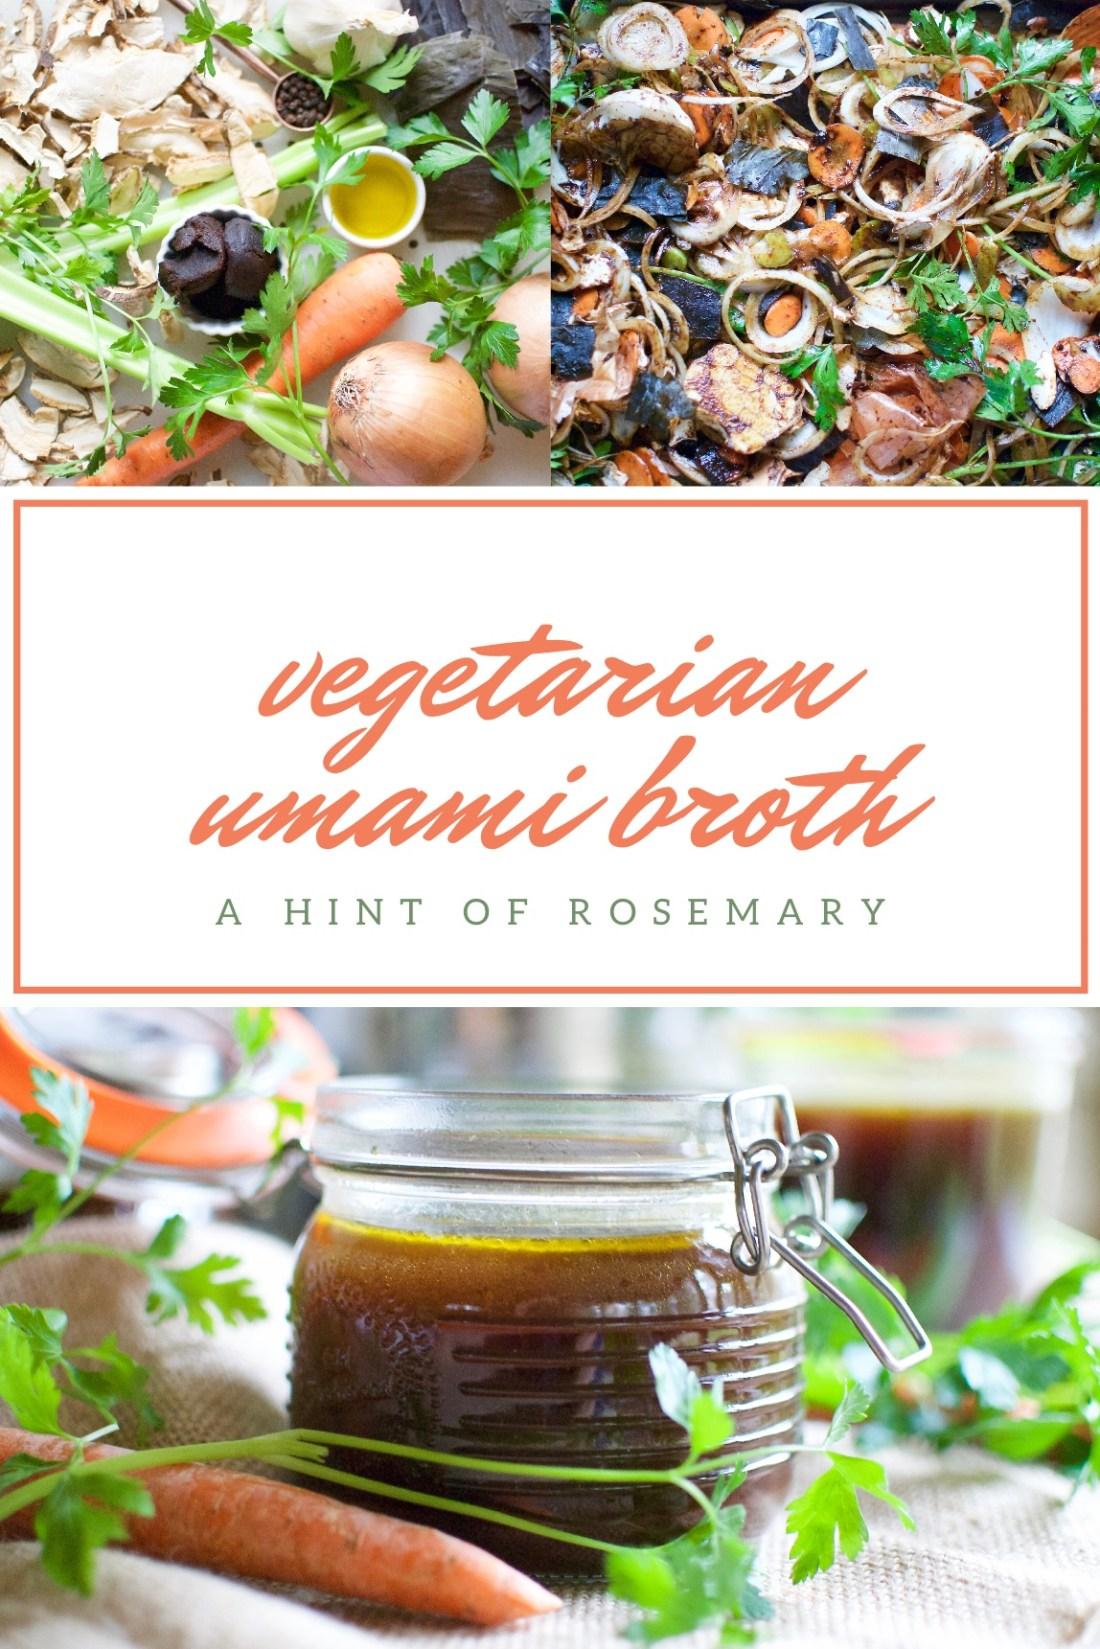 vegetarian umami broth